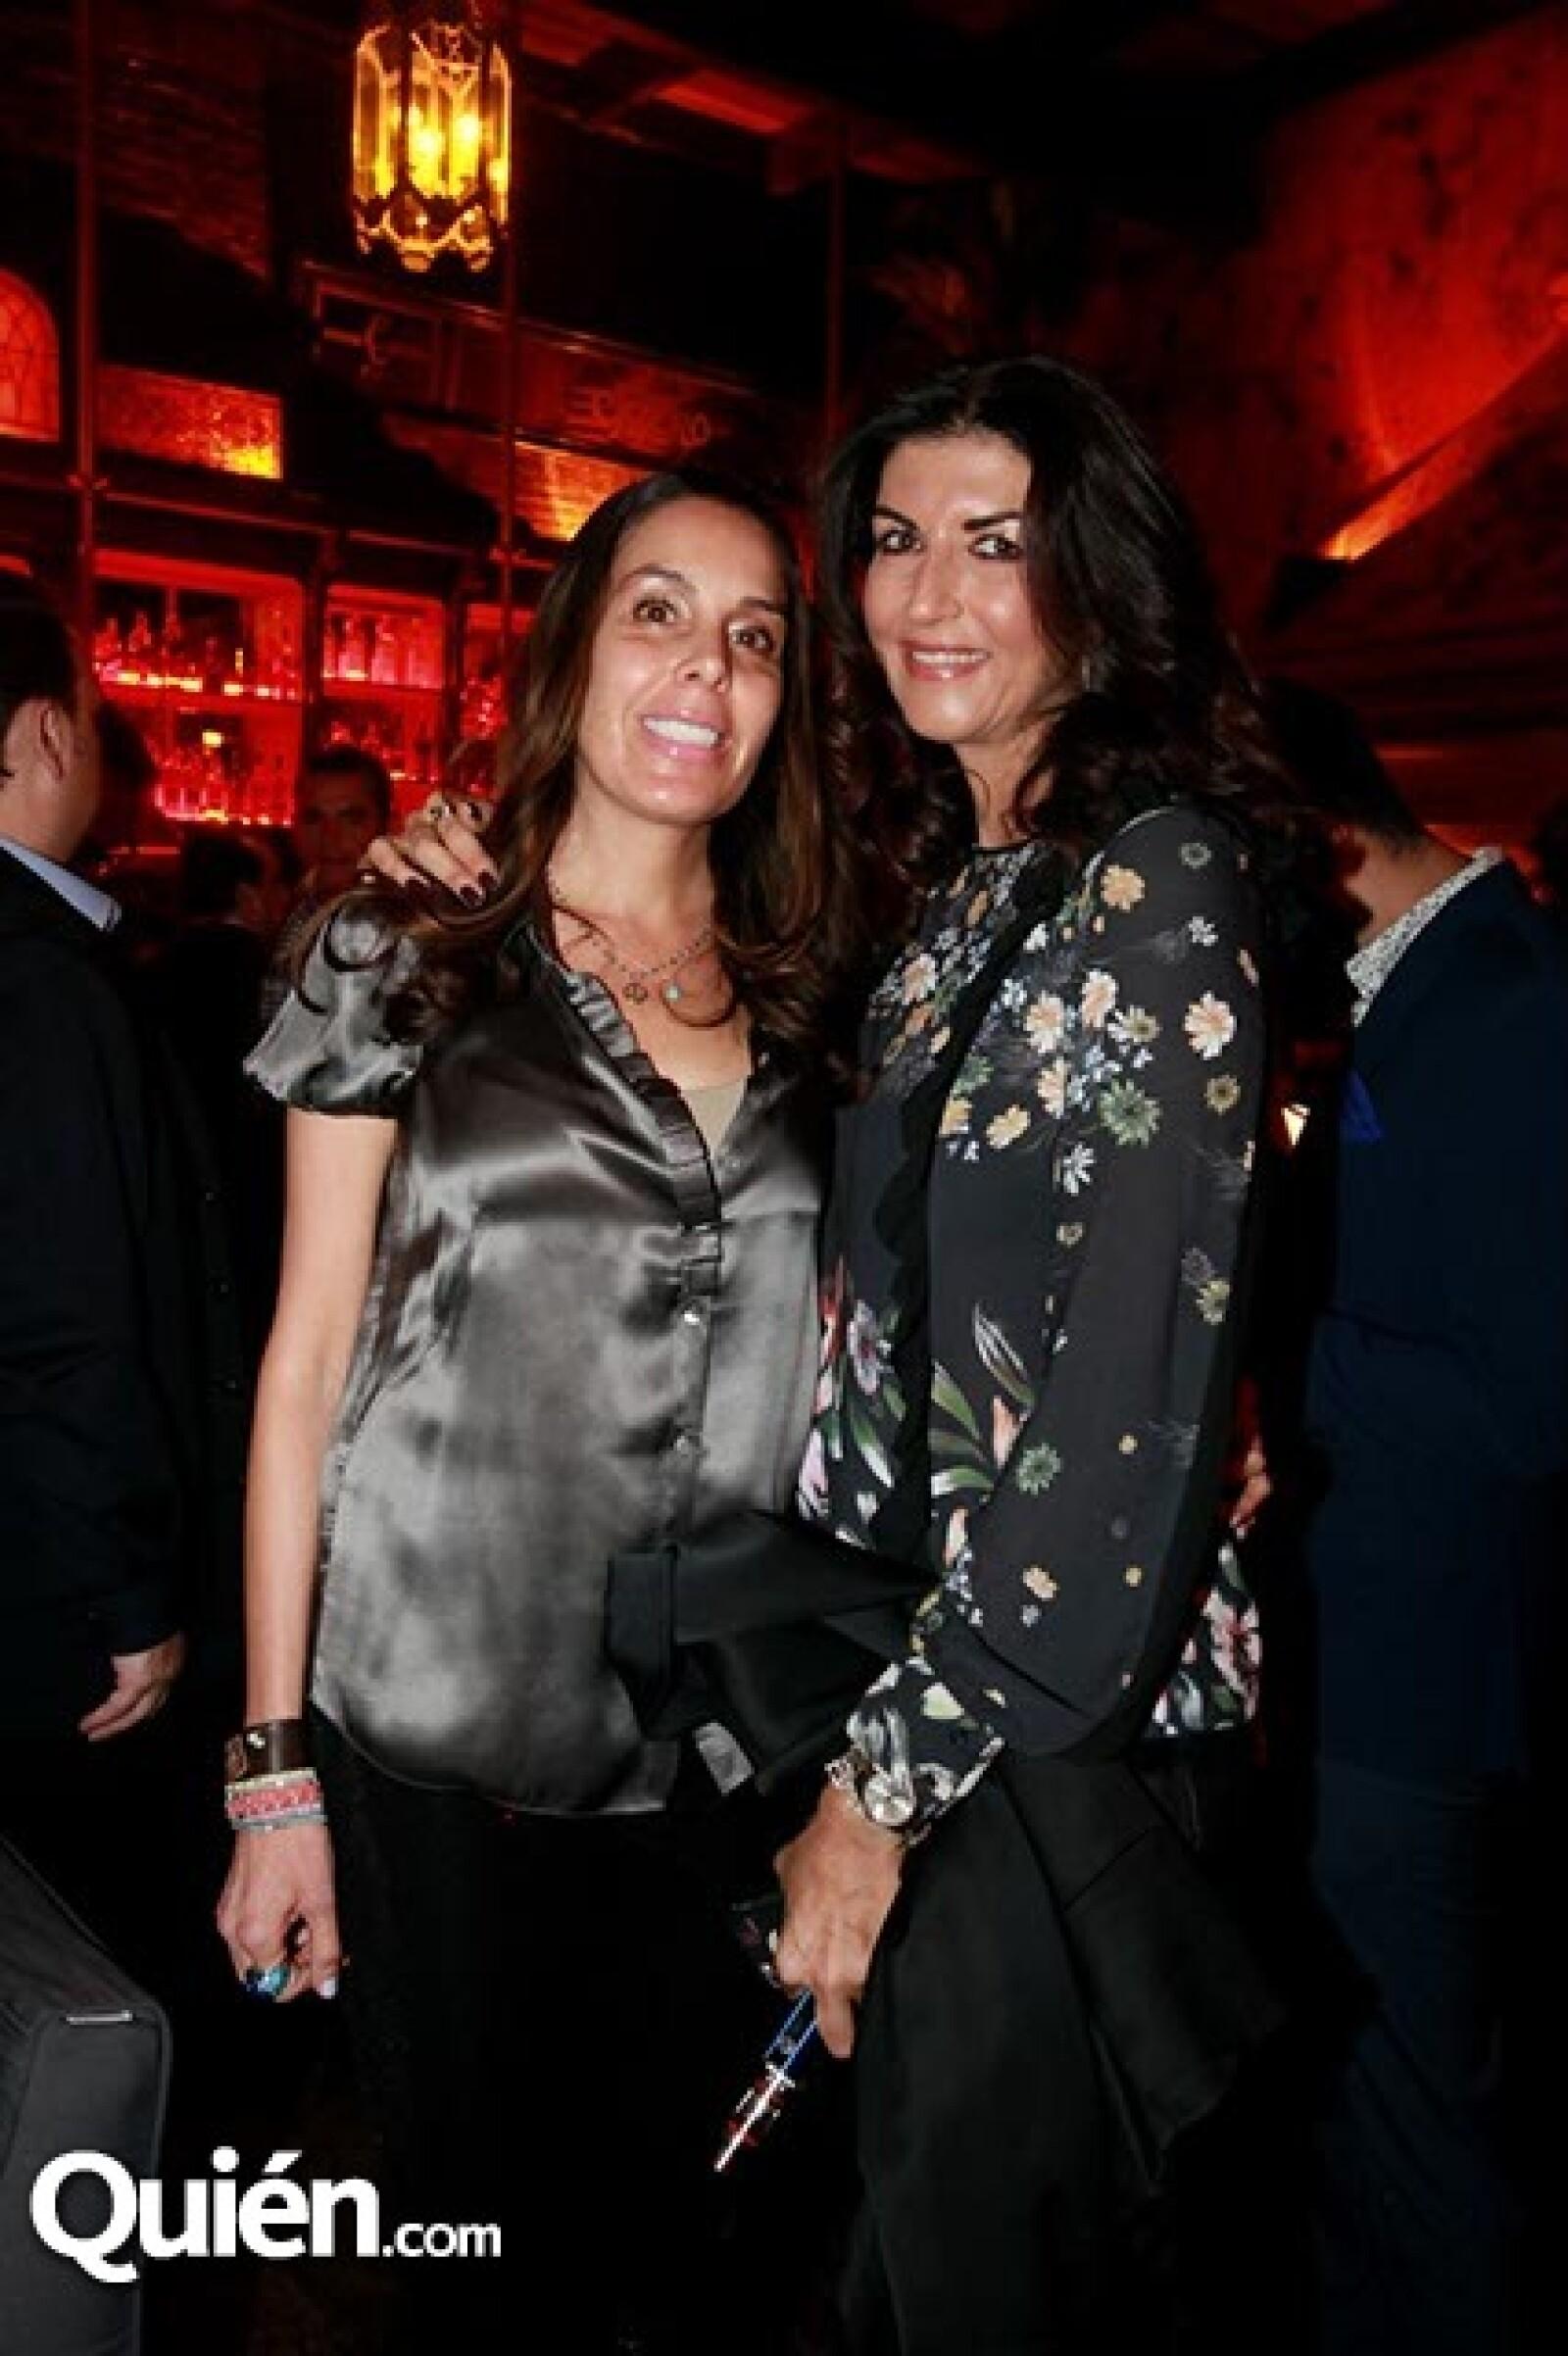 Luliana Vázquez y Eva Saba